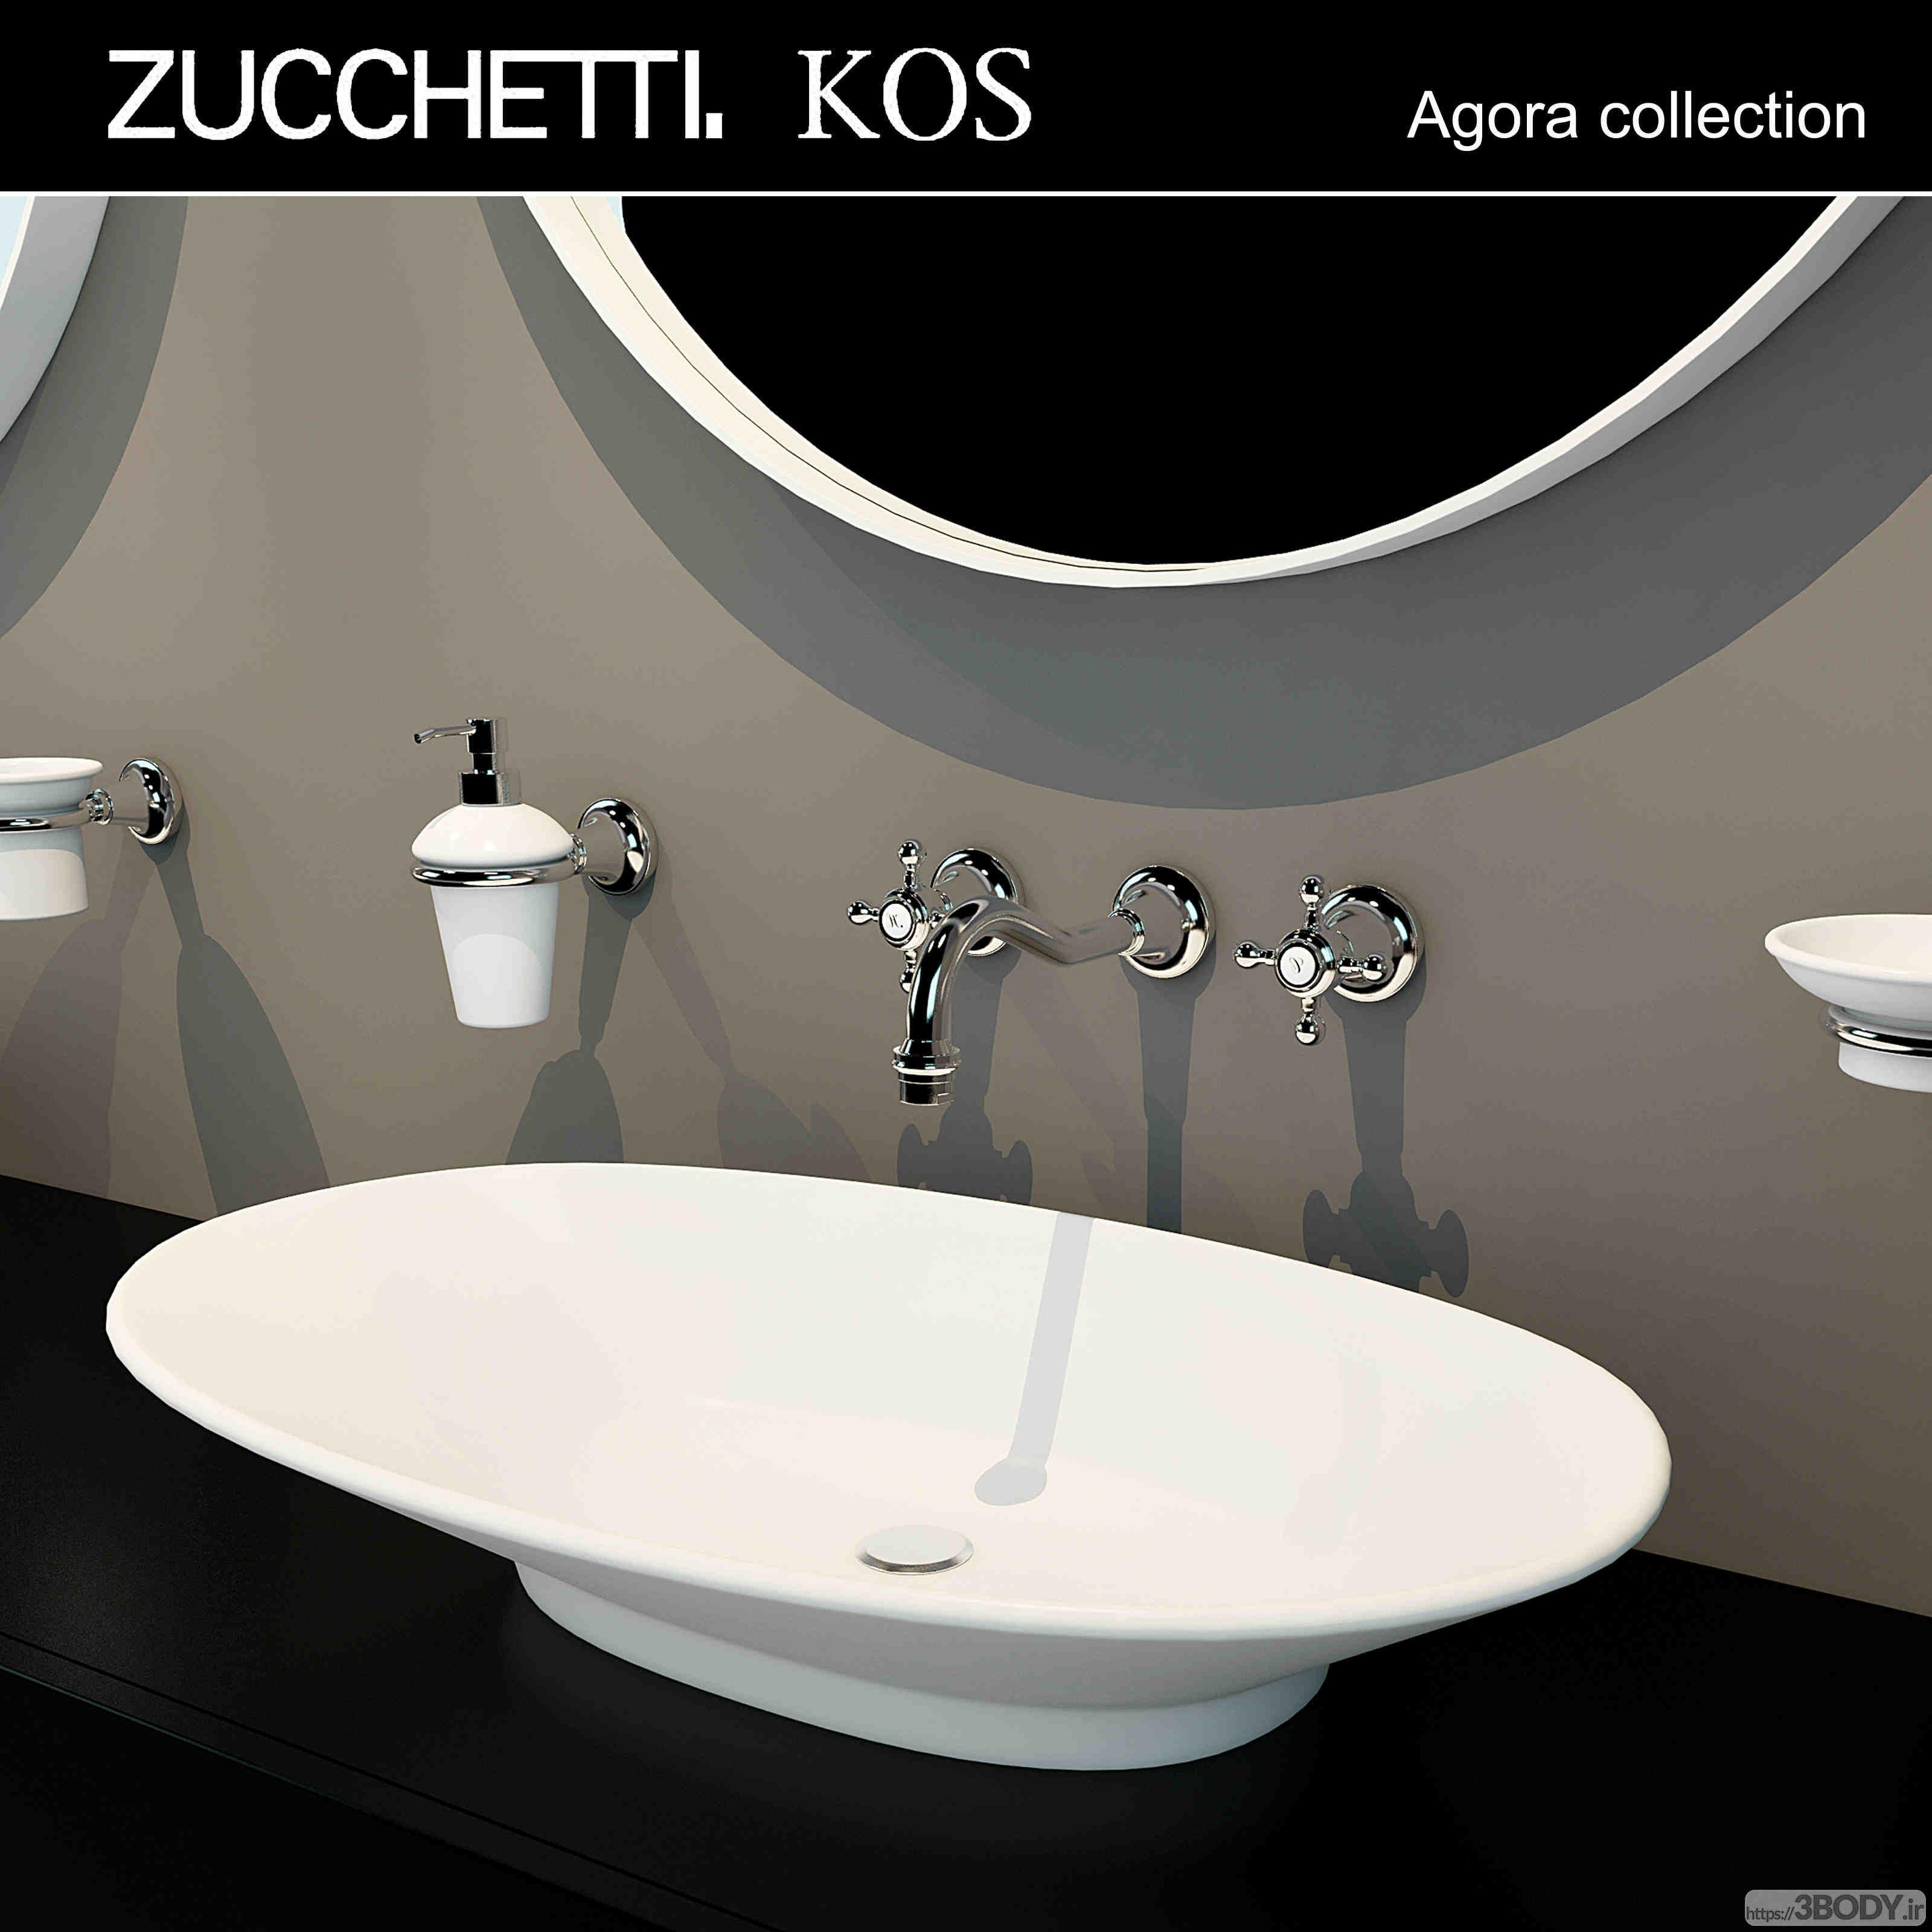 مدل سه بعدی مبلمان توالت عکس 3